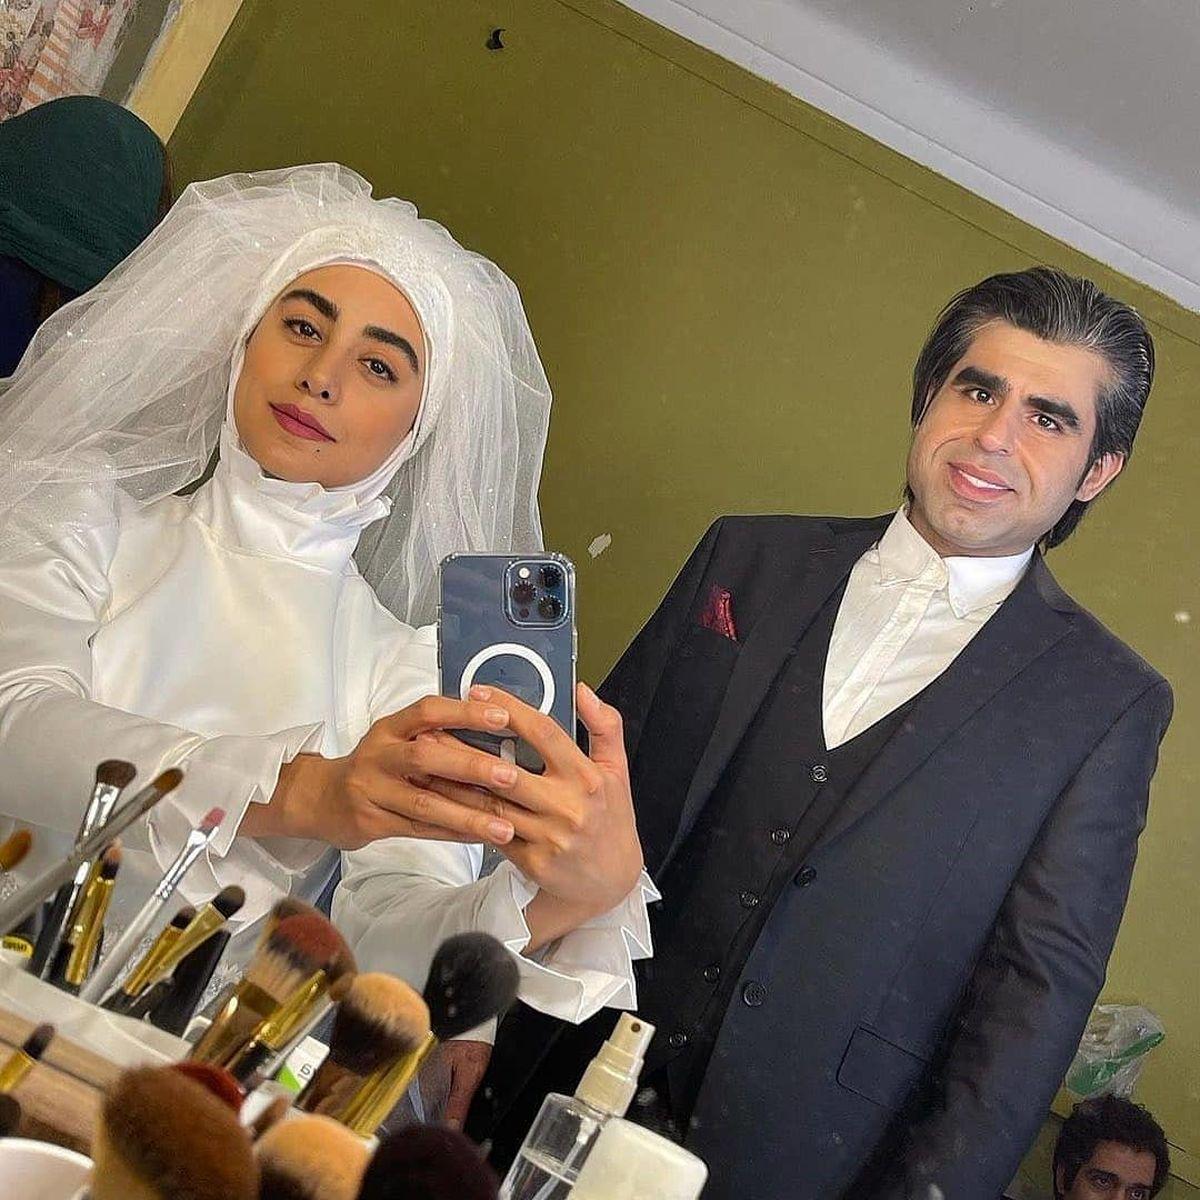 ازدواج امیر نوری بعد از لاغری + عکس در لباس دامادی